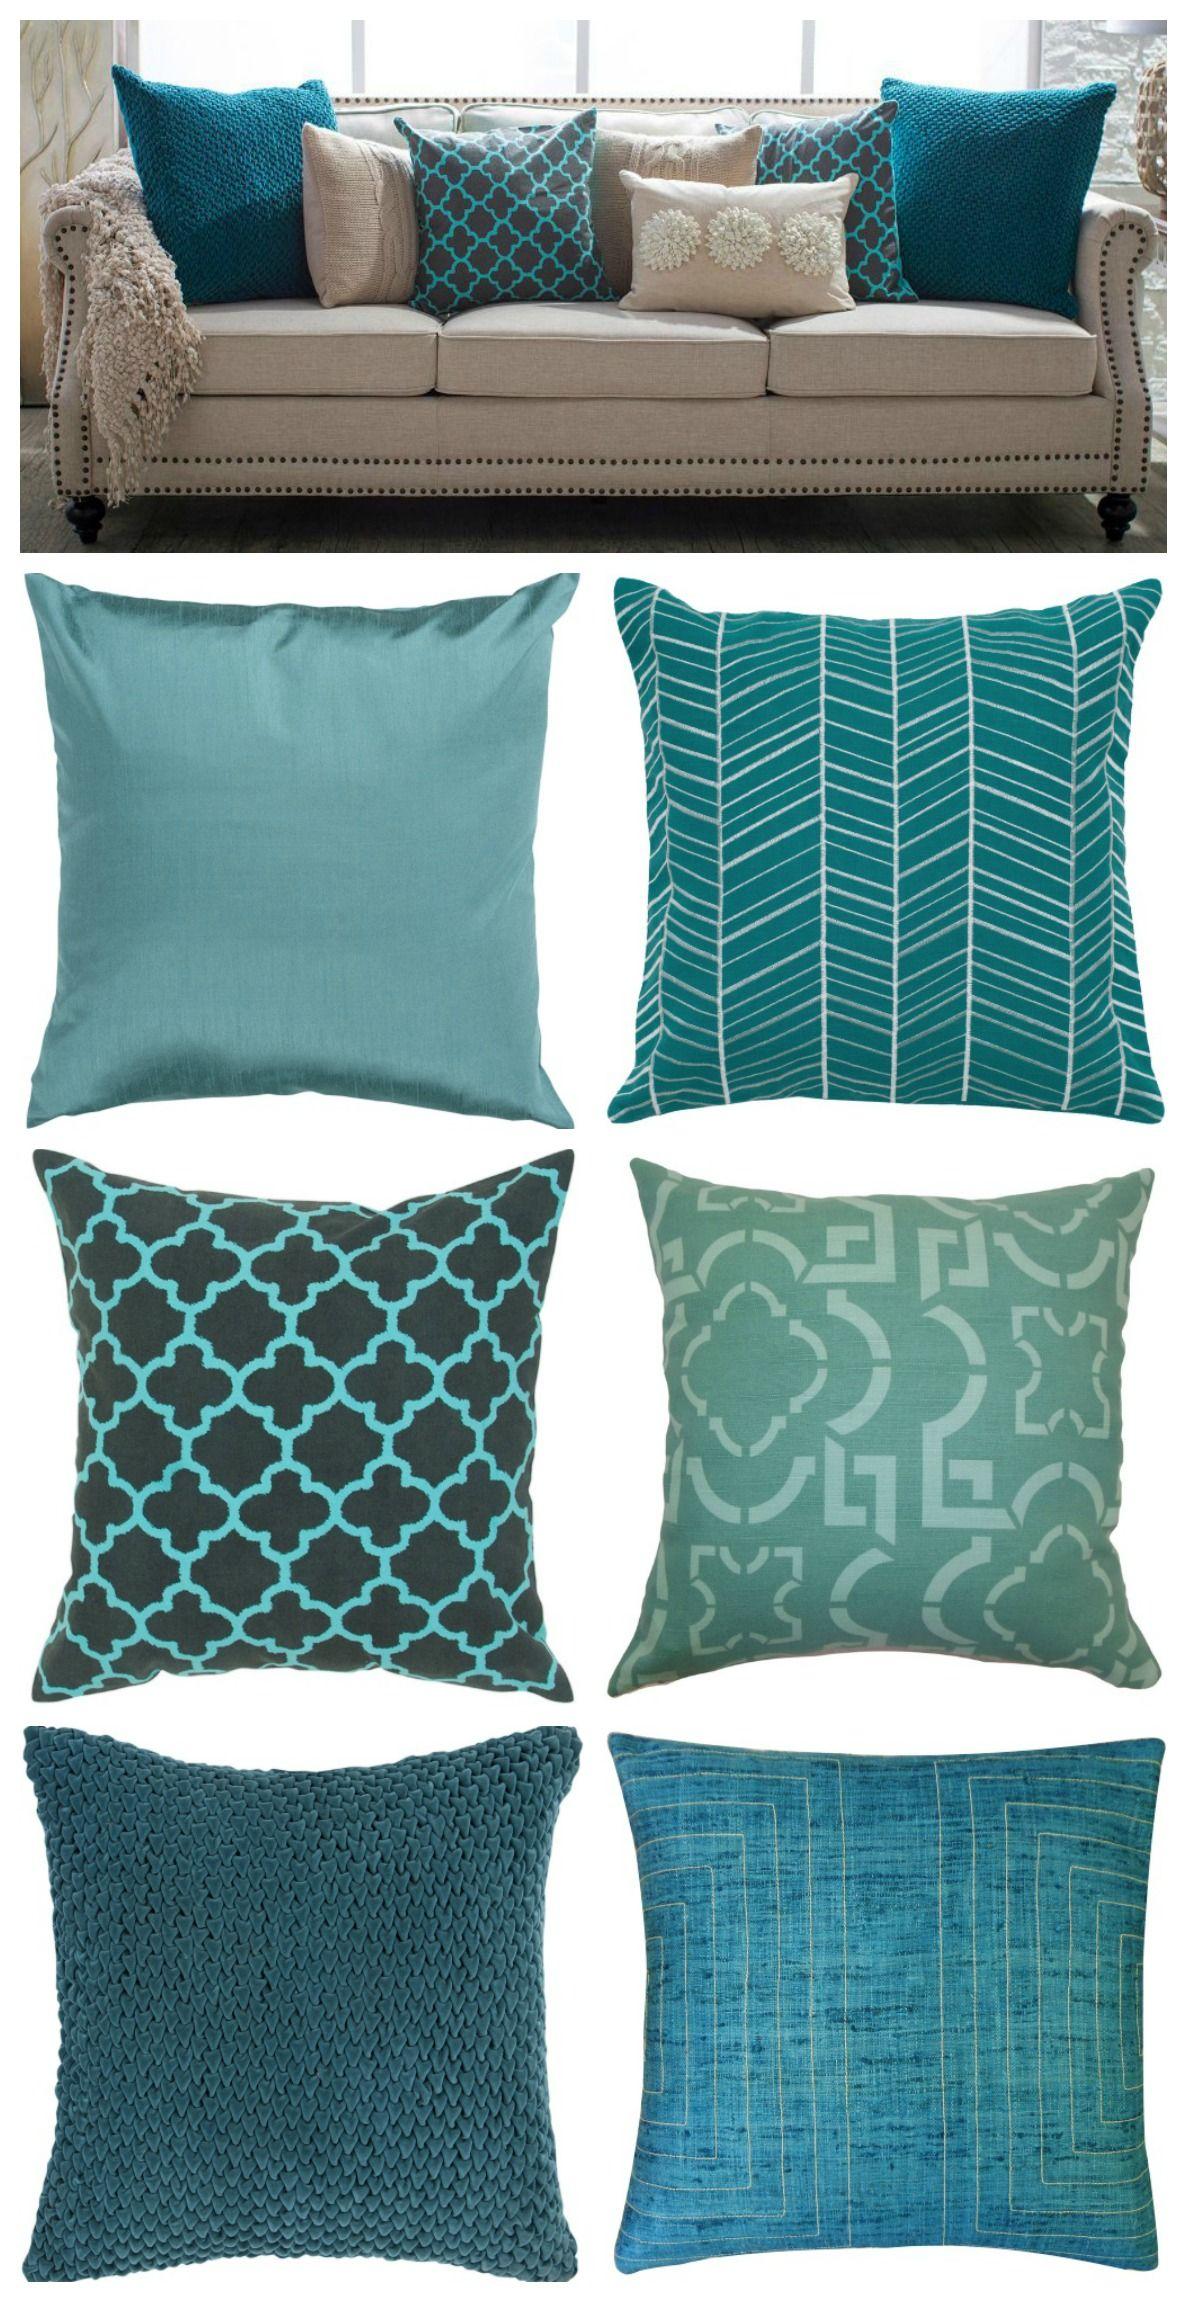 Teal pillows. | Home Decor | Living room decor pillows ...